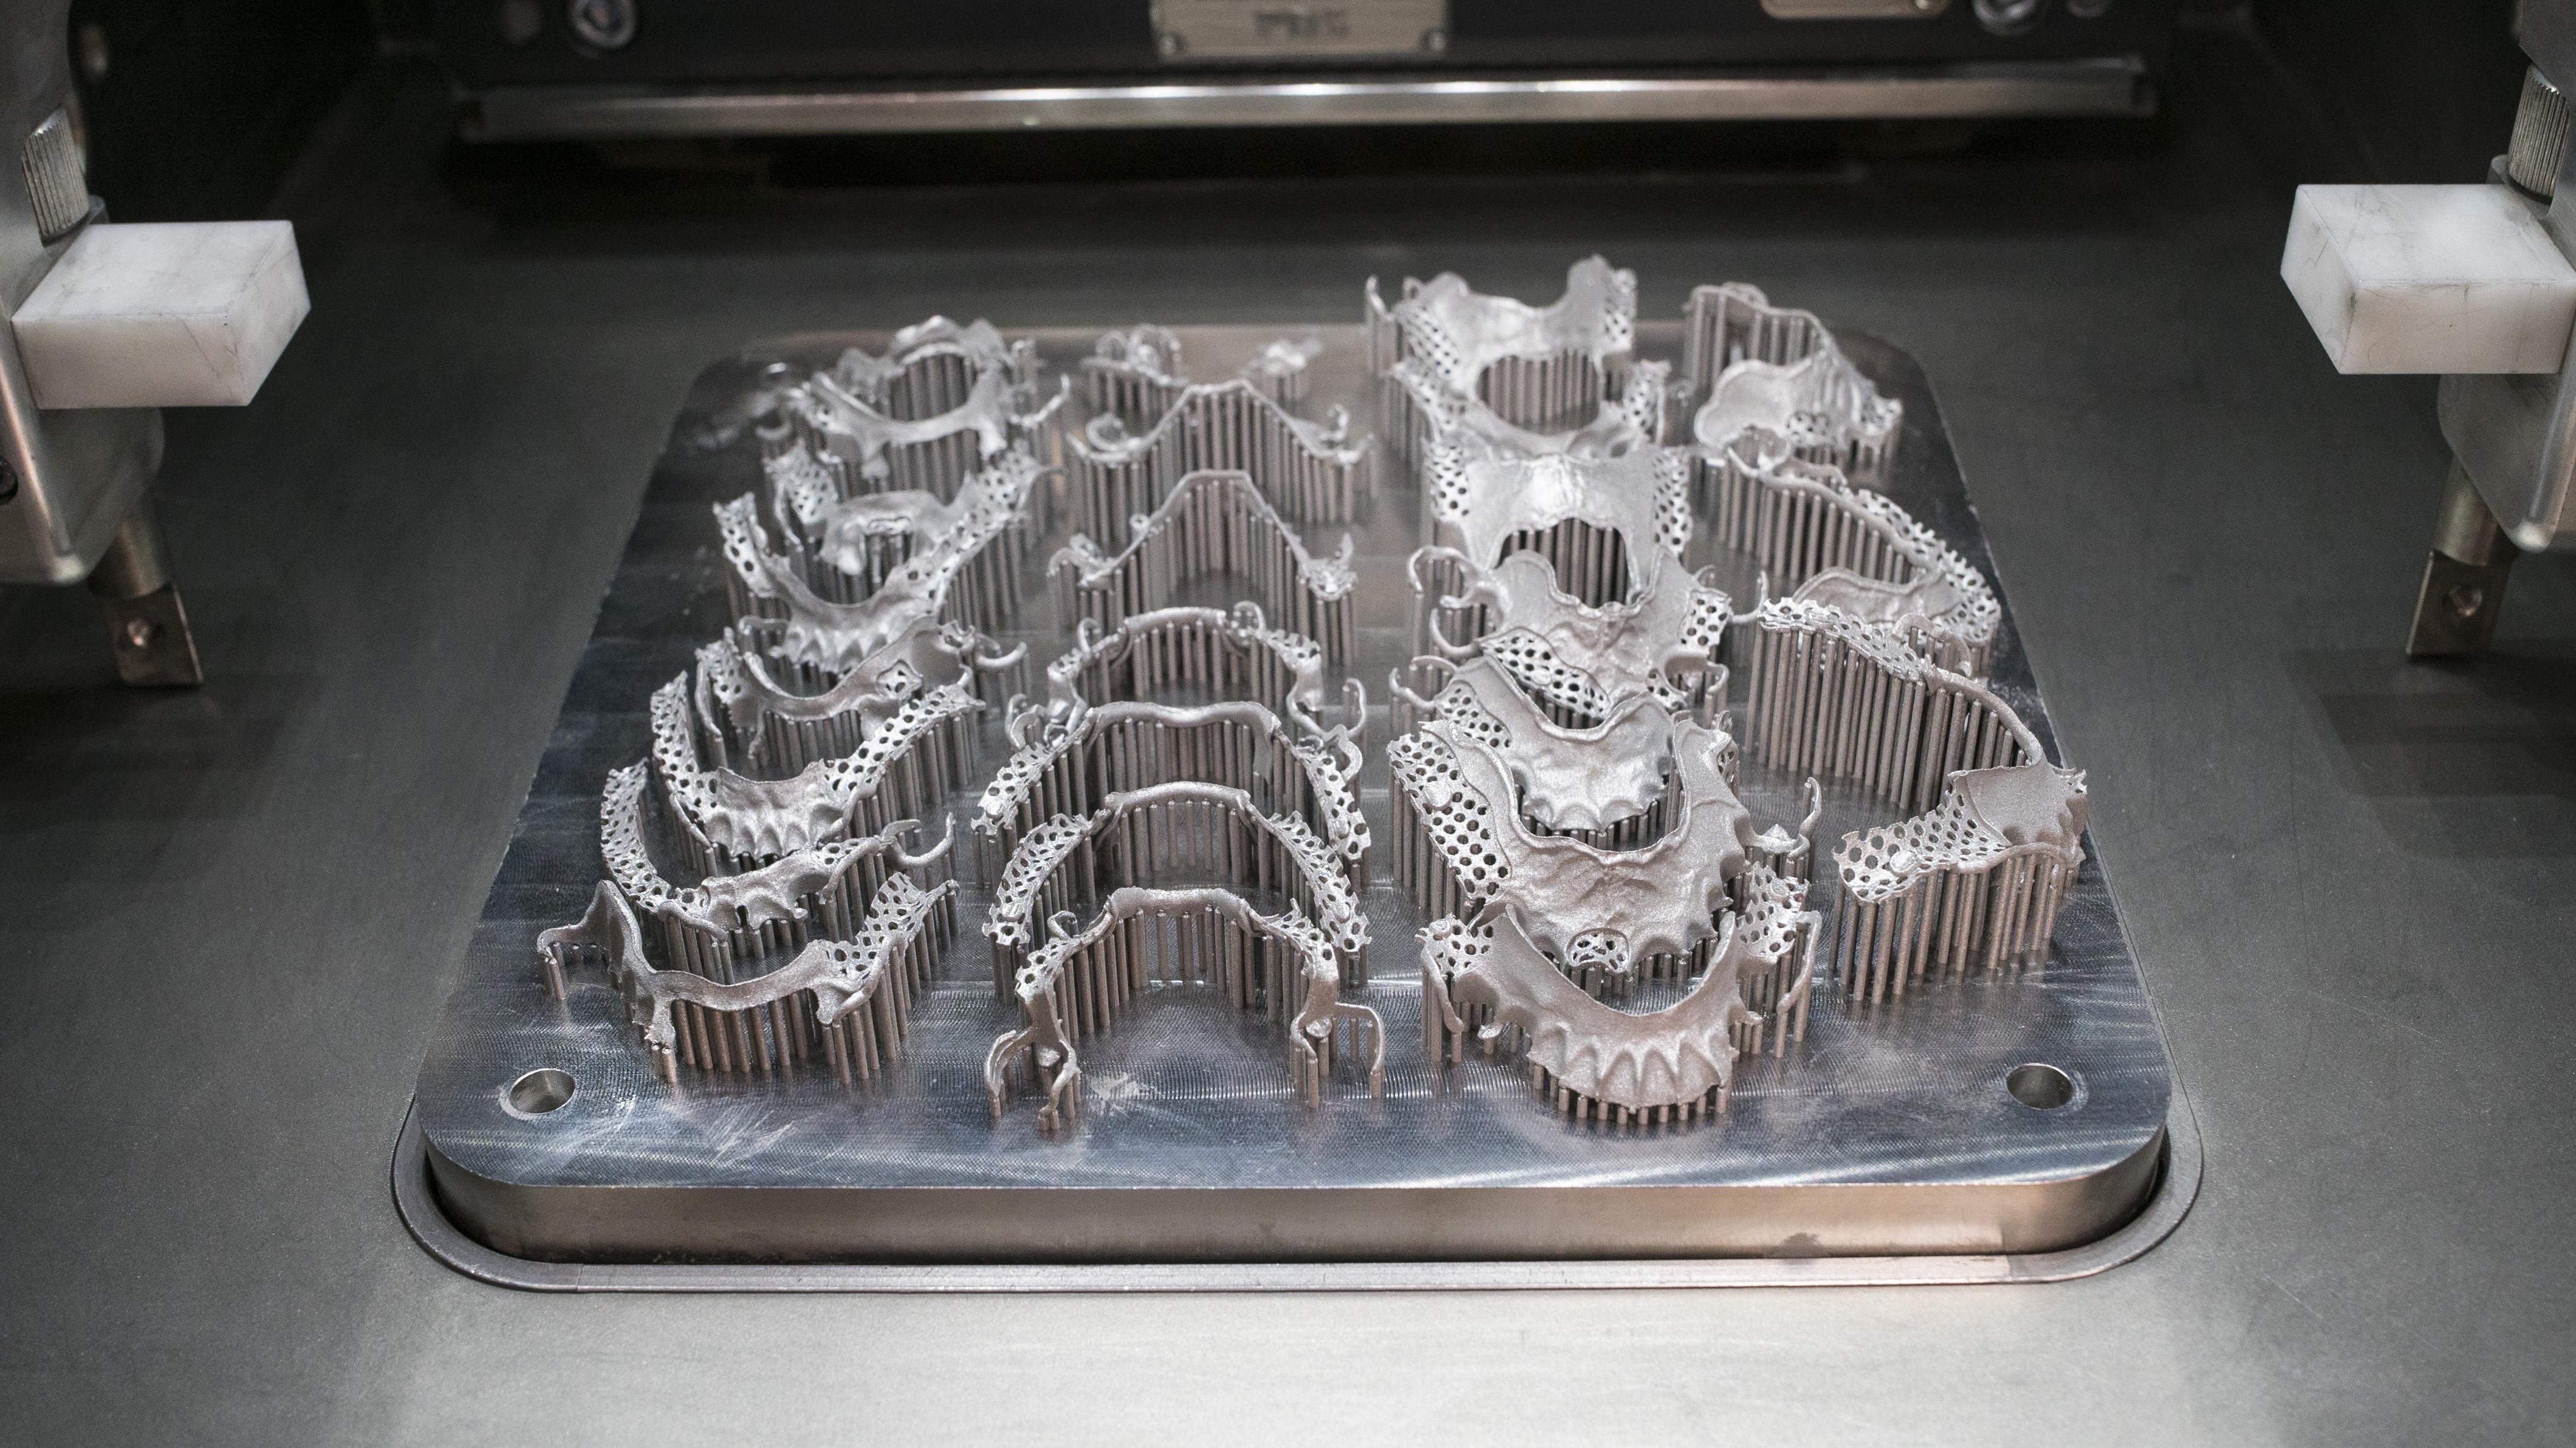 RPD build plate